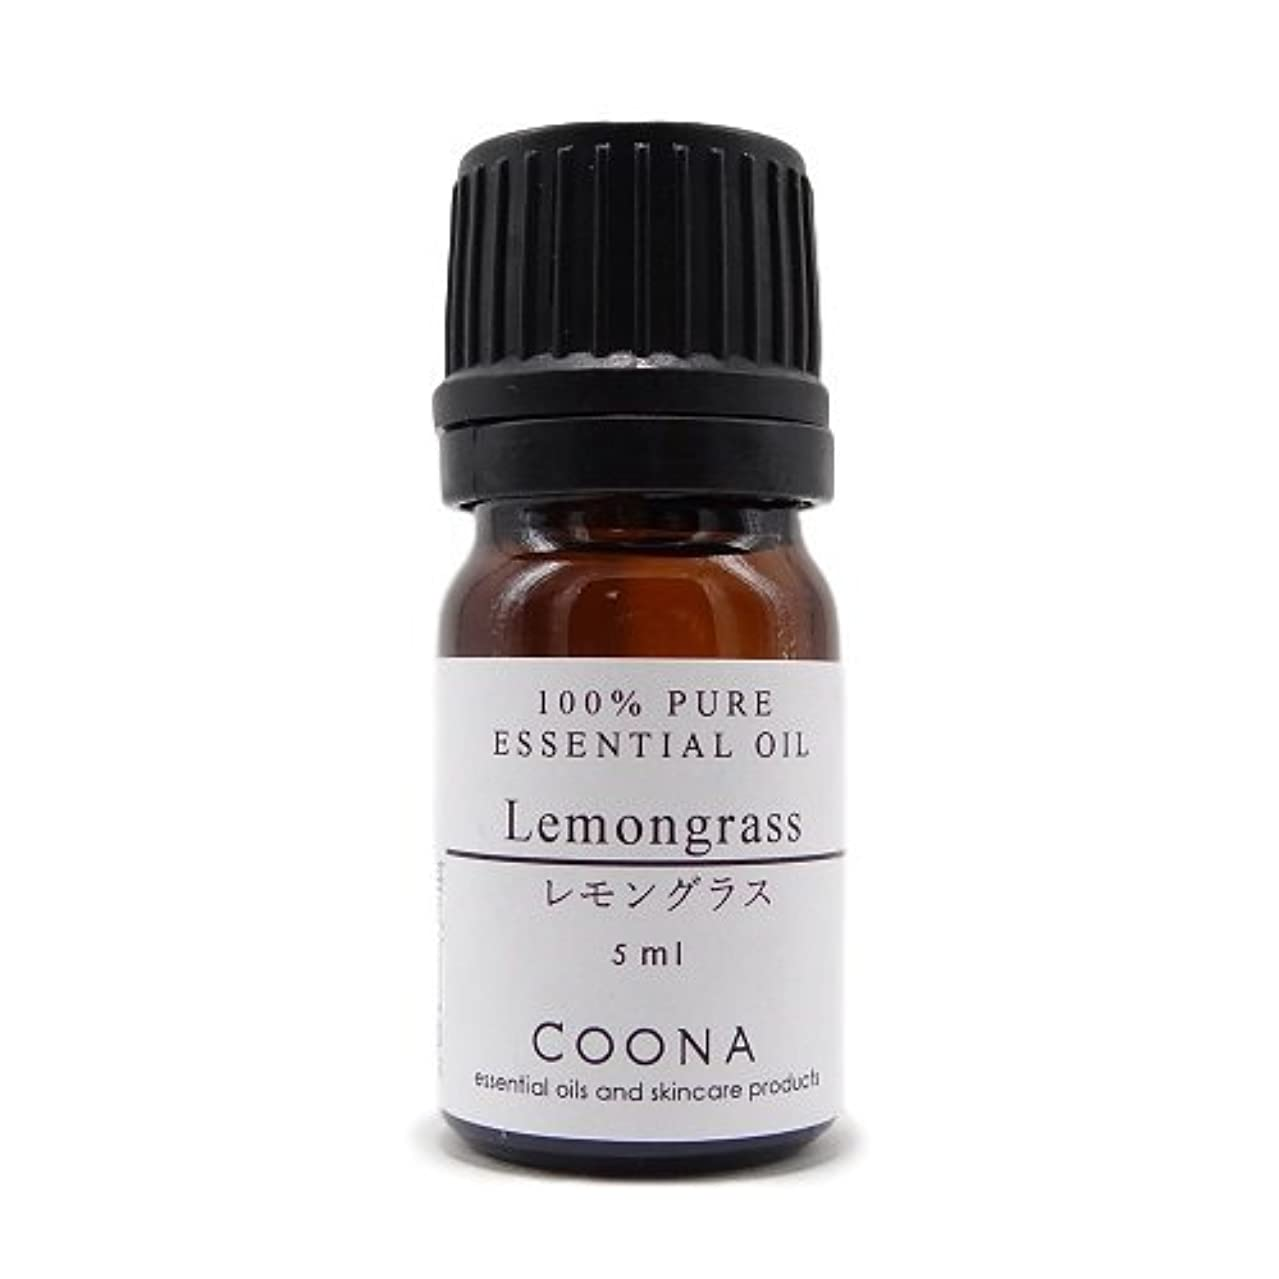 救援有効名門レモングラス 5ml (COONA エッセンシャルオイル アロマオイル 100%天然植物精油)